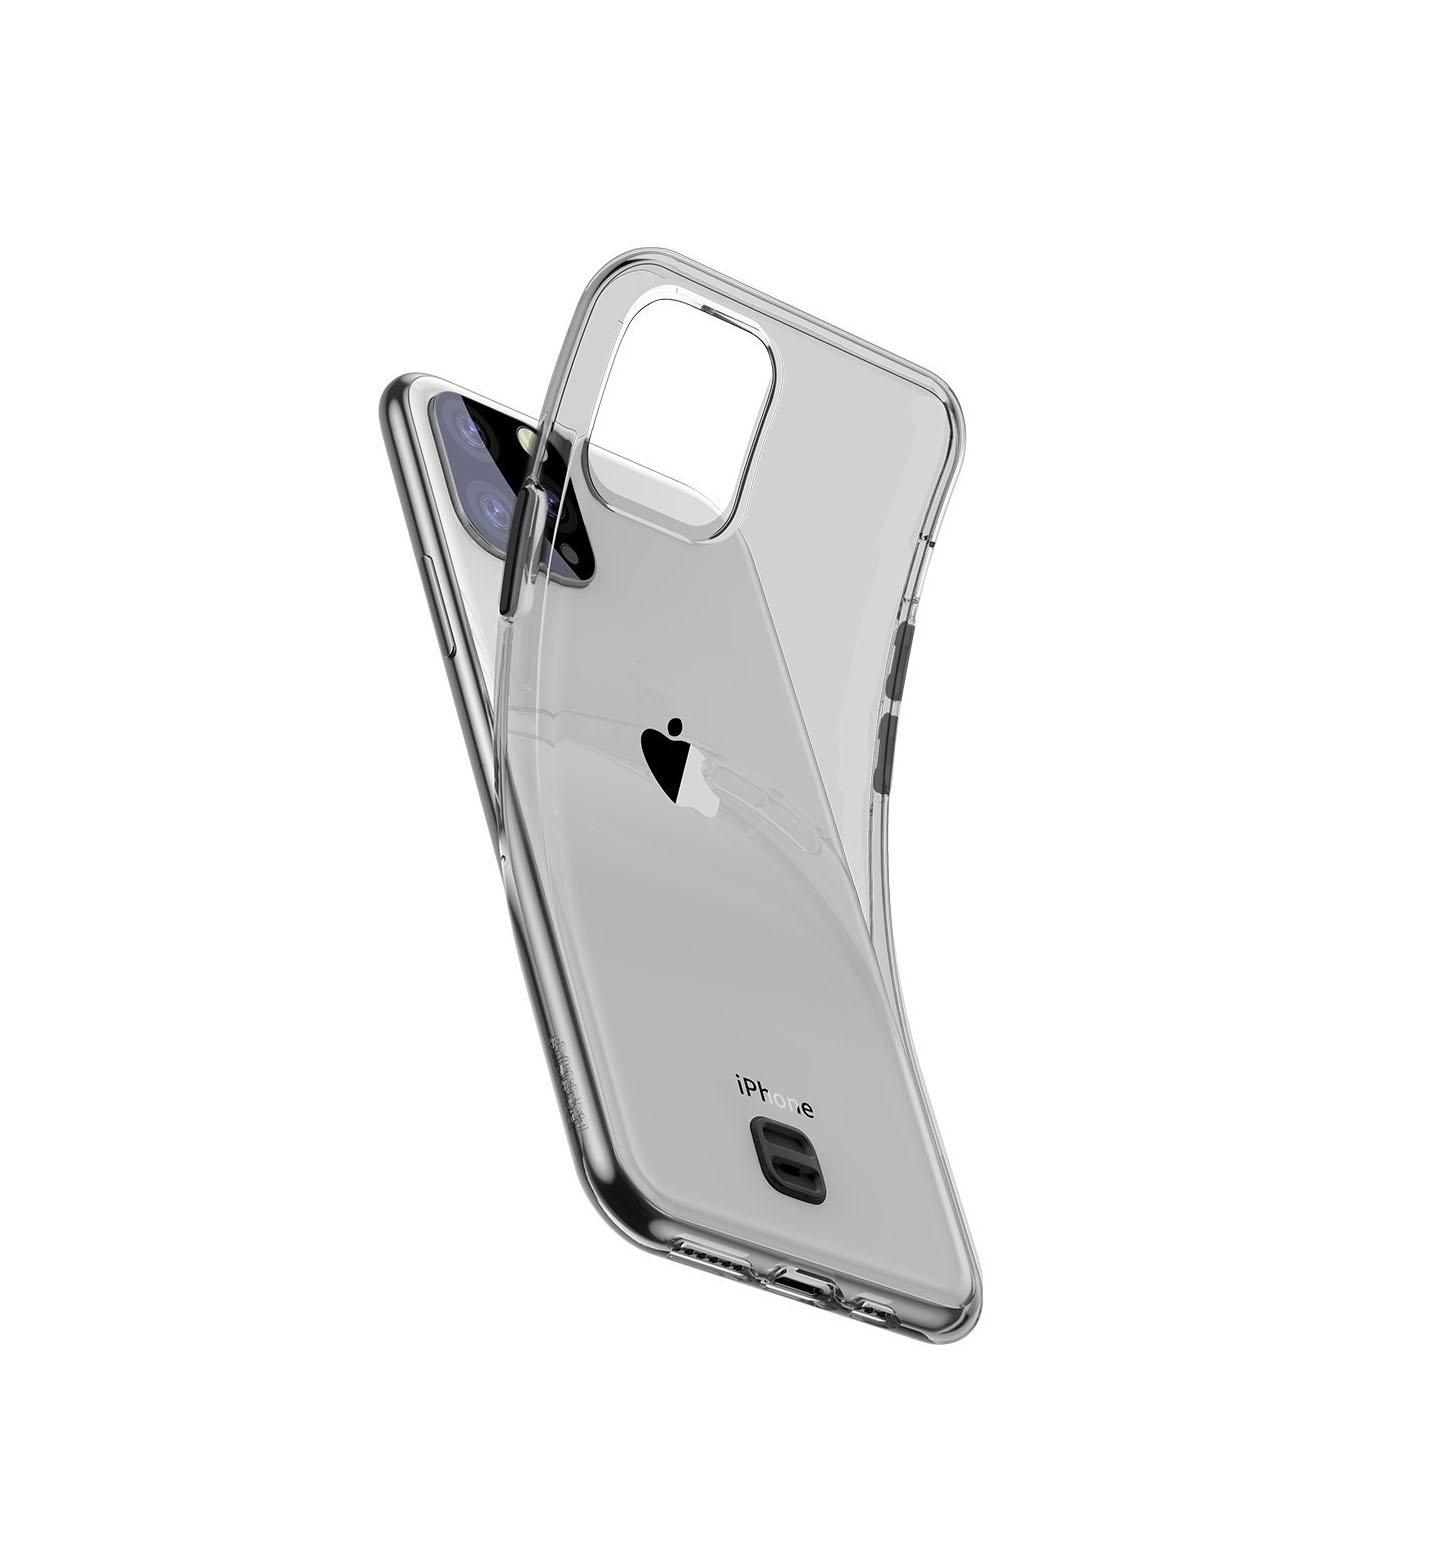 کاور باسئوس مدل WIAPIPH58S-QA01 مناسب برای گوشی موبایل اپل iPhone 11 Pro